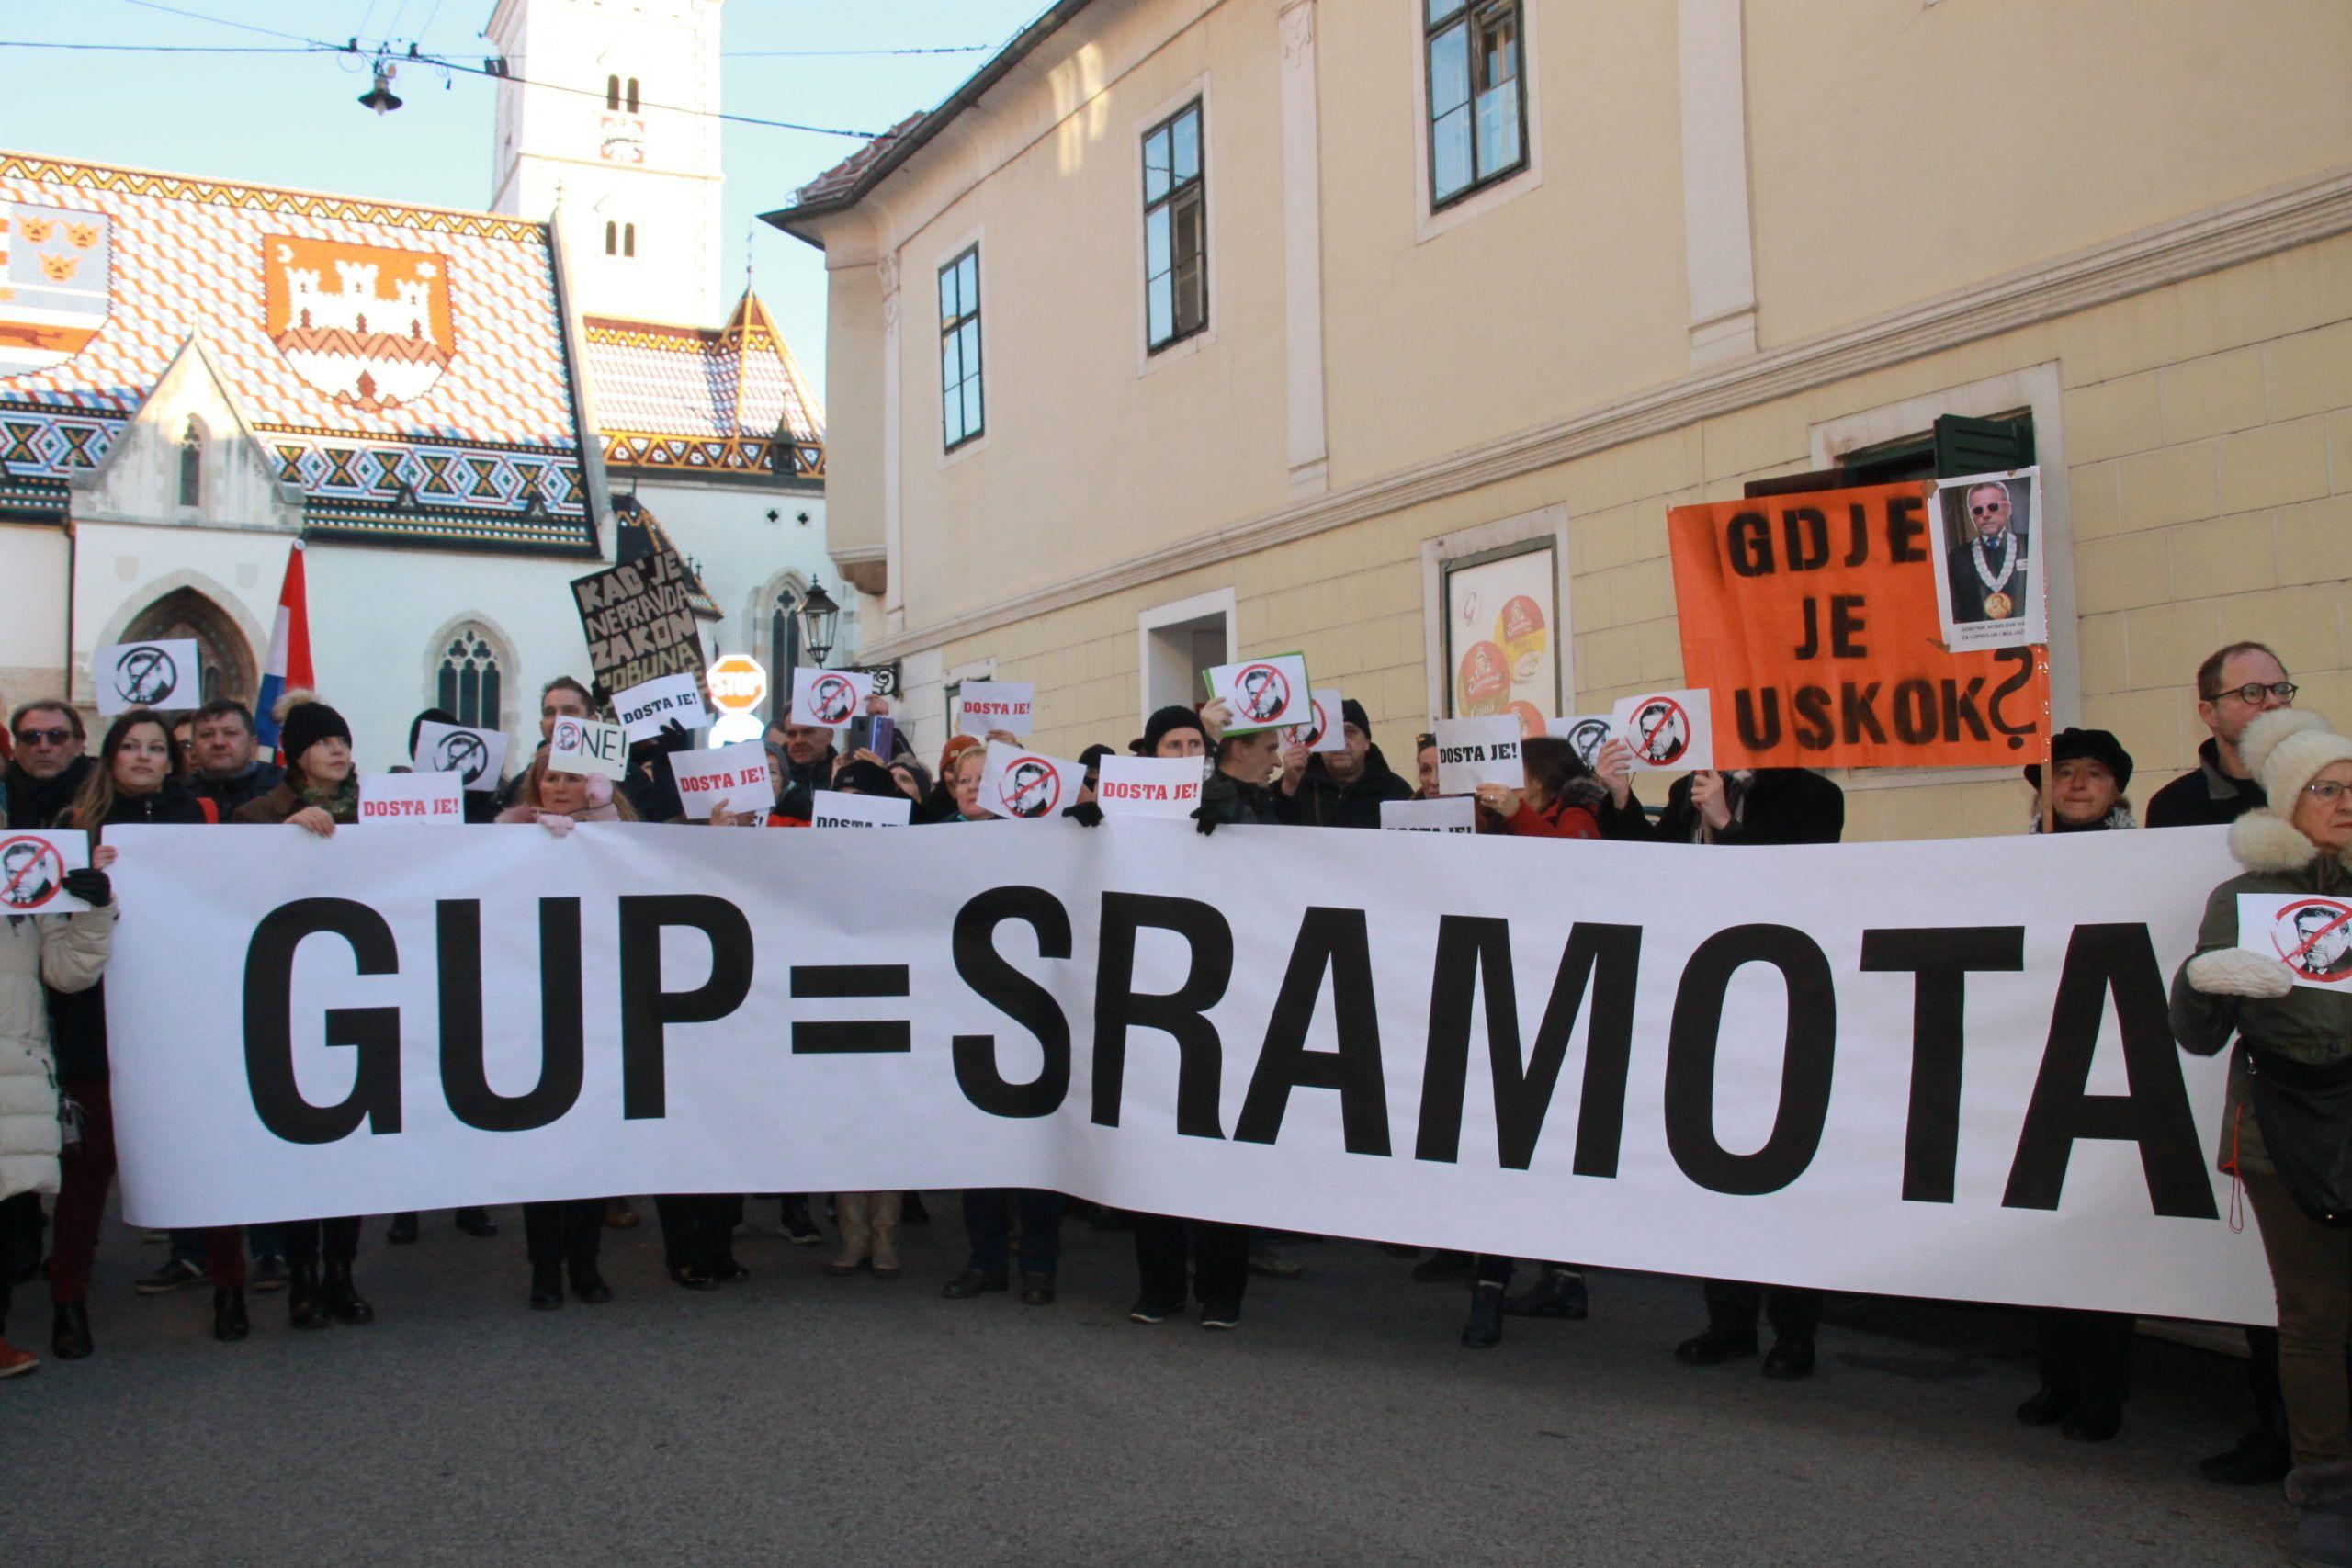 """Prosvjed protiv zagrebačkog GUP-a uoči sjednice Gradske skupštine: """"Dosta je!"""", """"GUP = sramota"""", """"I trgovina utjecajem je korupcija"""", """"Gdje je USKOK?"""""""